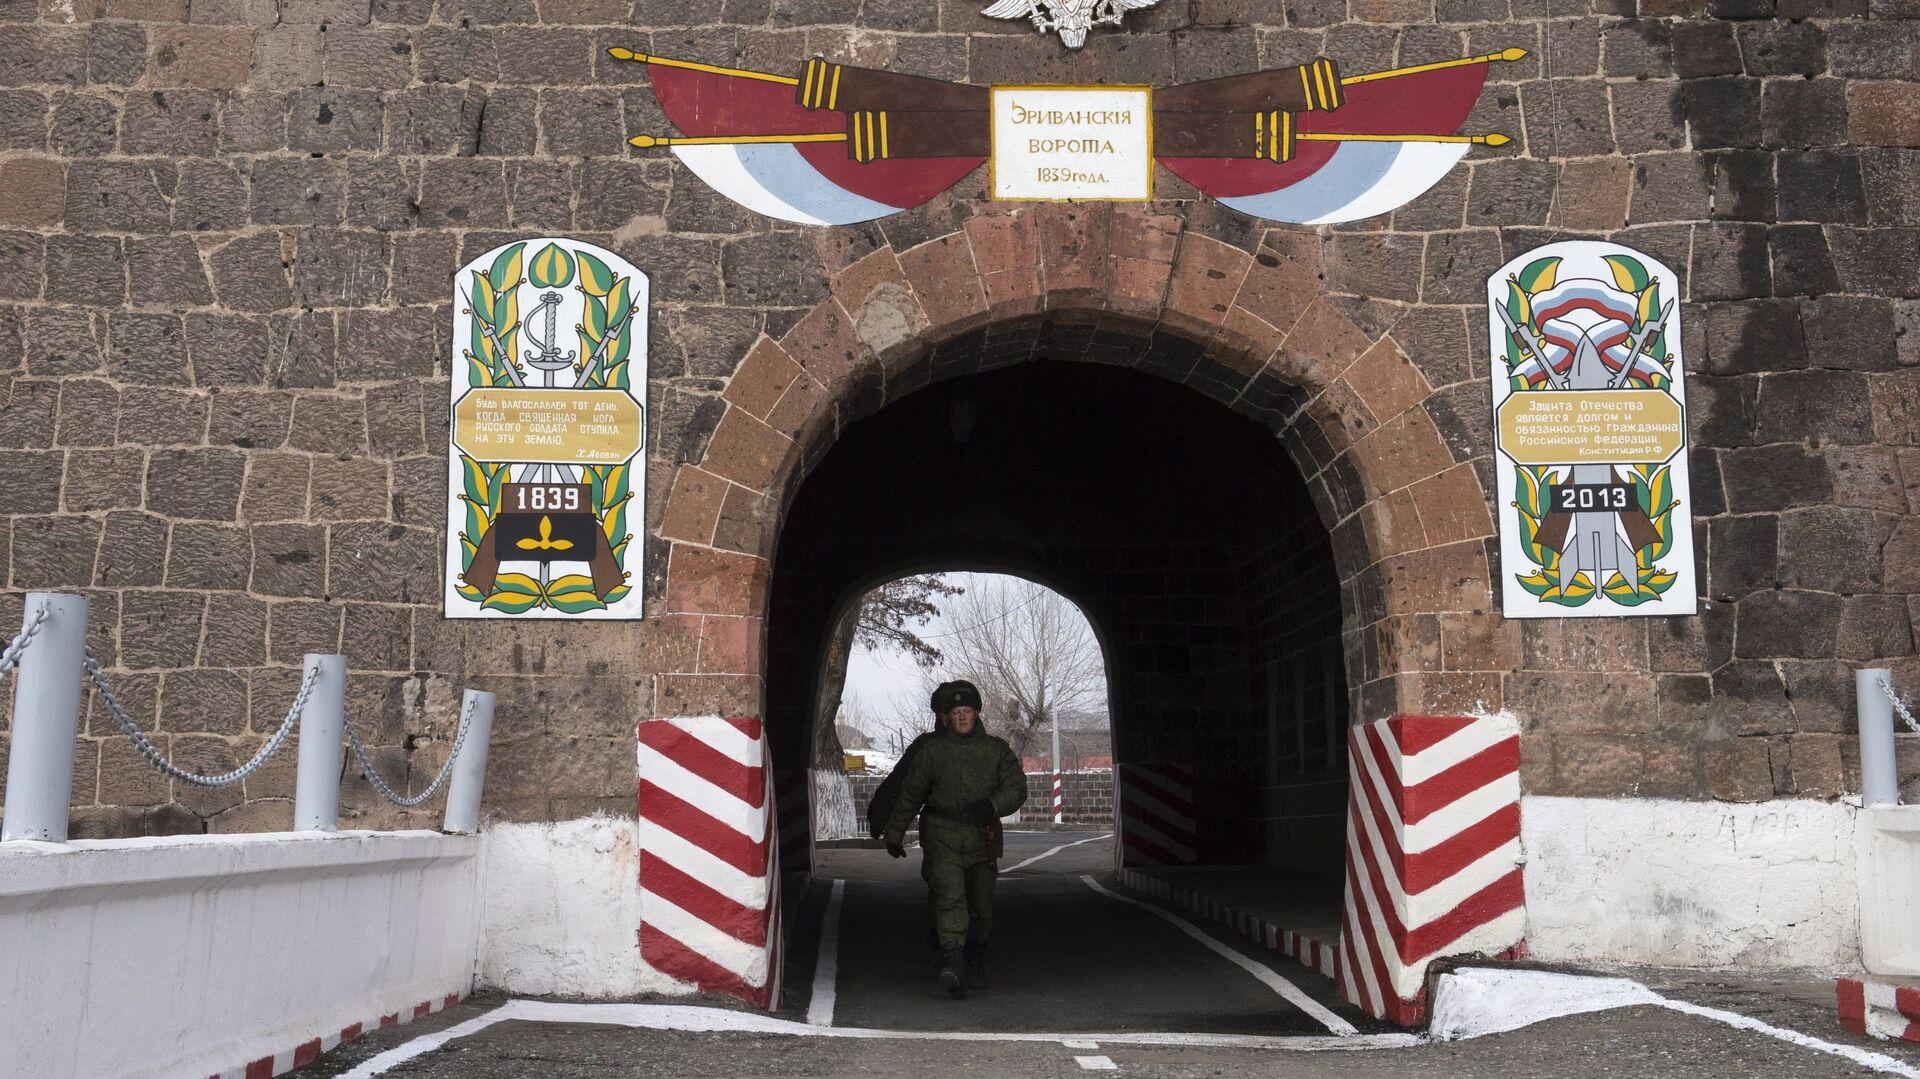 102-я российская военная база в Армении. Архивное фото - РИА Новости, 1920, 28.03.2021